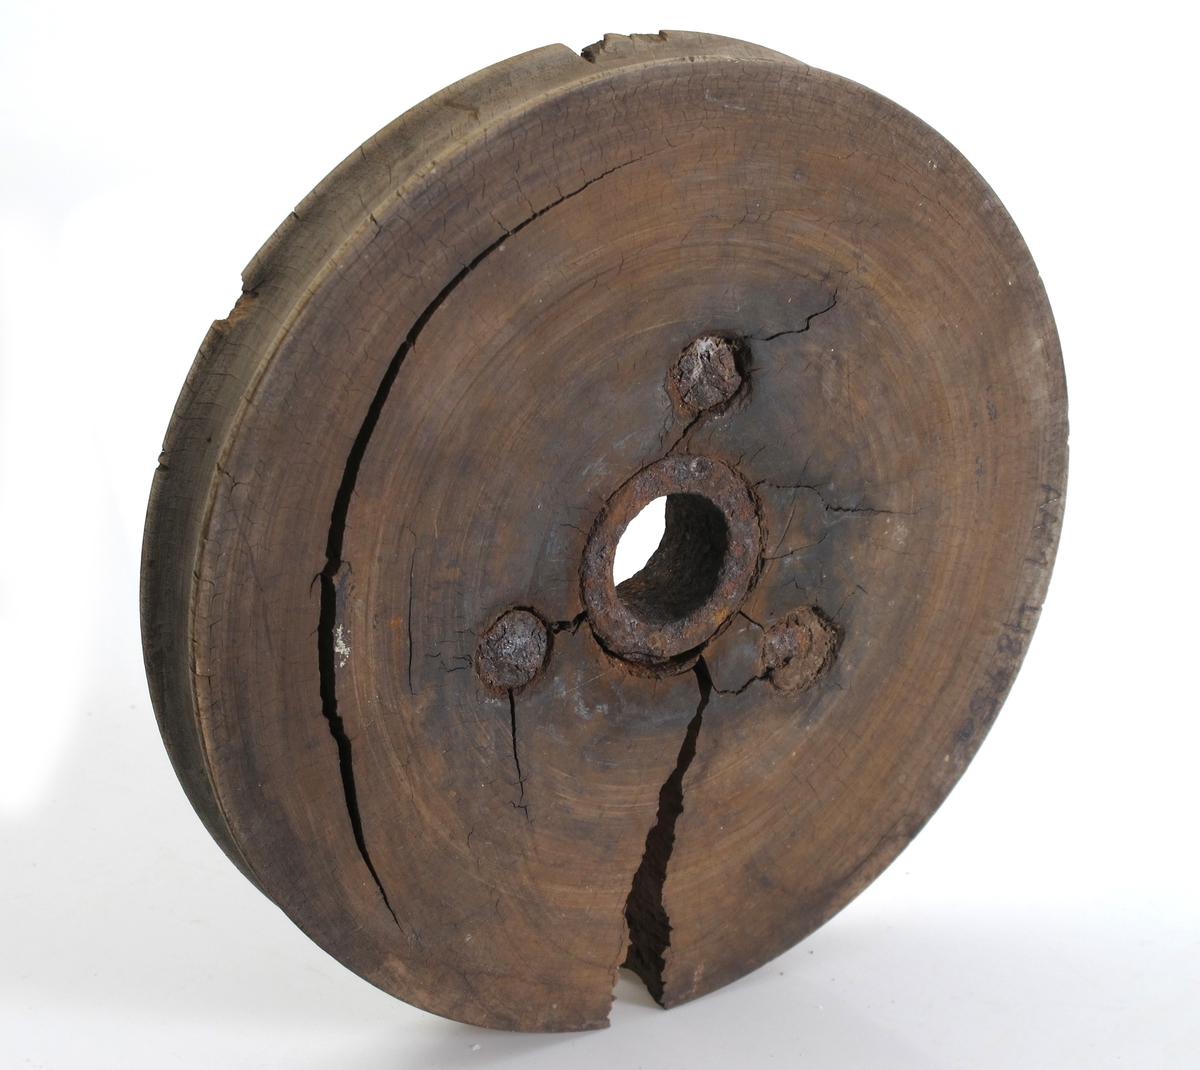 Blokkskive. Pukkenholt og jern. Rund skive med hull i midten, utforet med bøssing av støpejern. Ytre kant konkav. Tilstand juli 1977: Jernet rusta, sprukket skive.